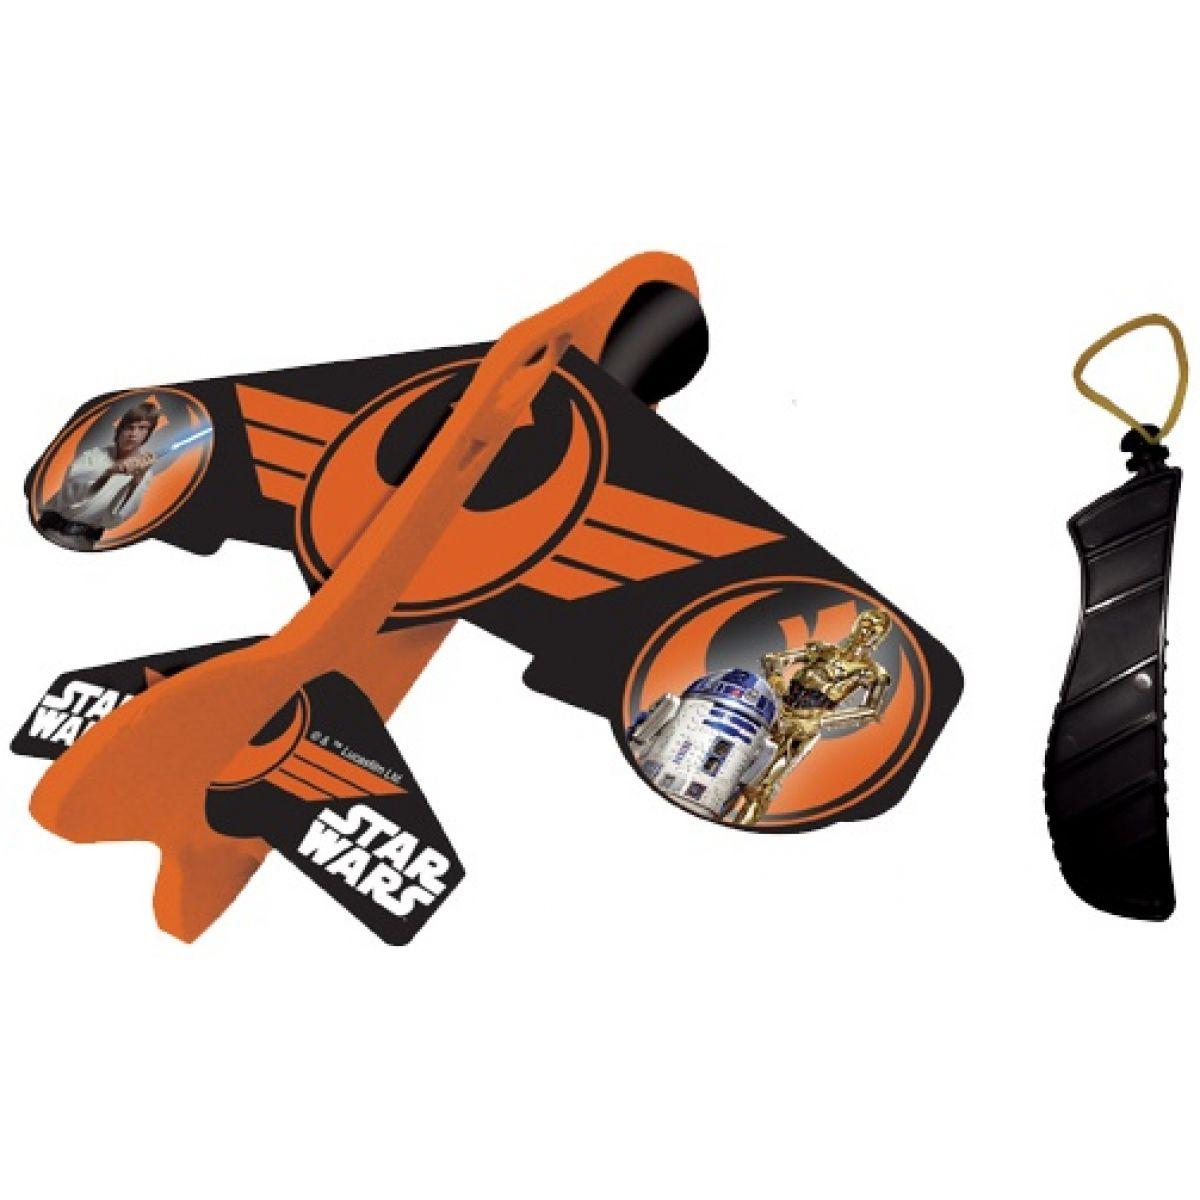 Eolo Sports Star Wars Ledadlo na gumu - Oranžovo-černá